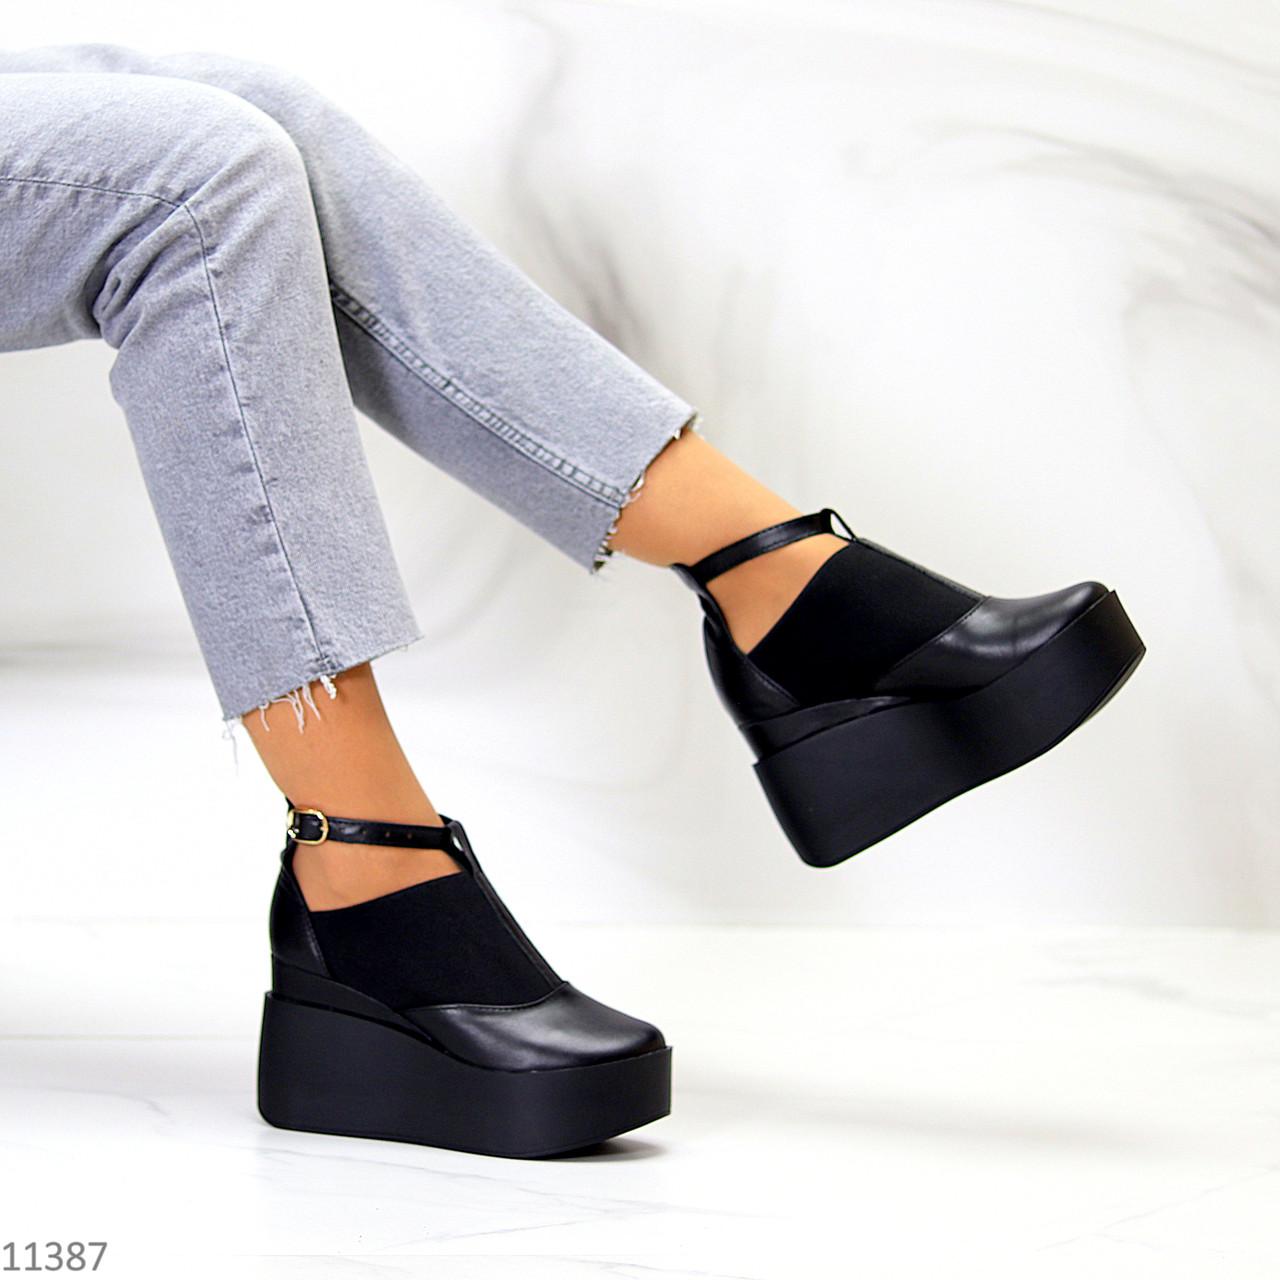 Стильные туфли женские на танкетке /платформе 9 см черные натуральная кожа + резинка